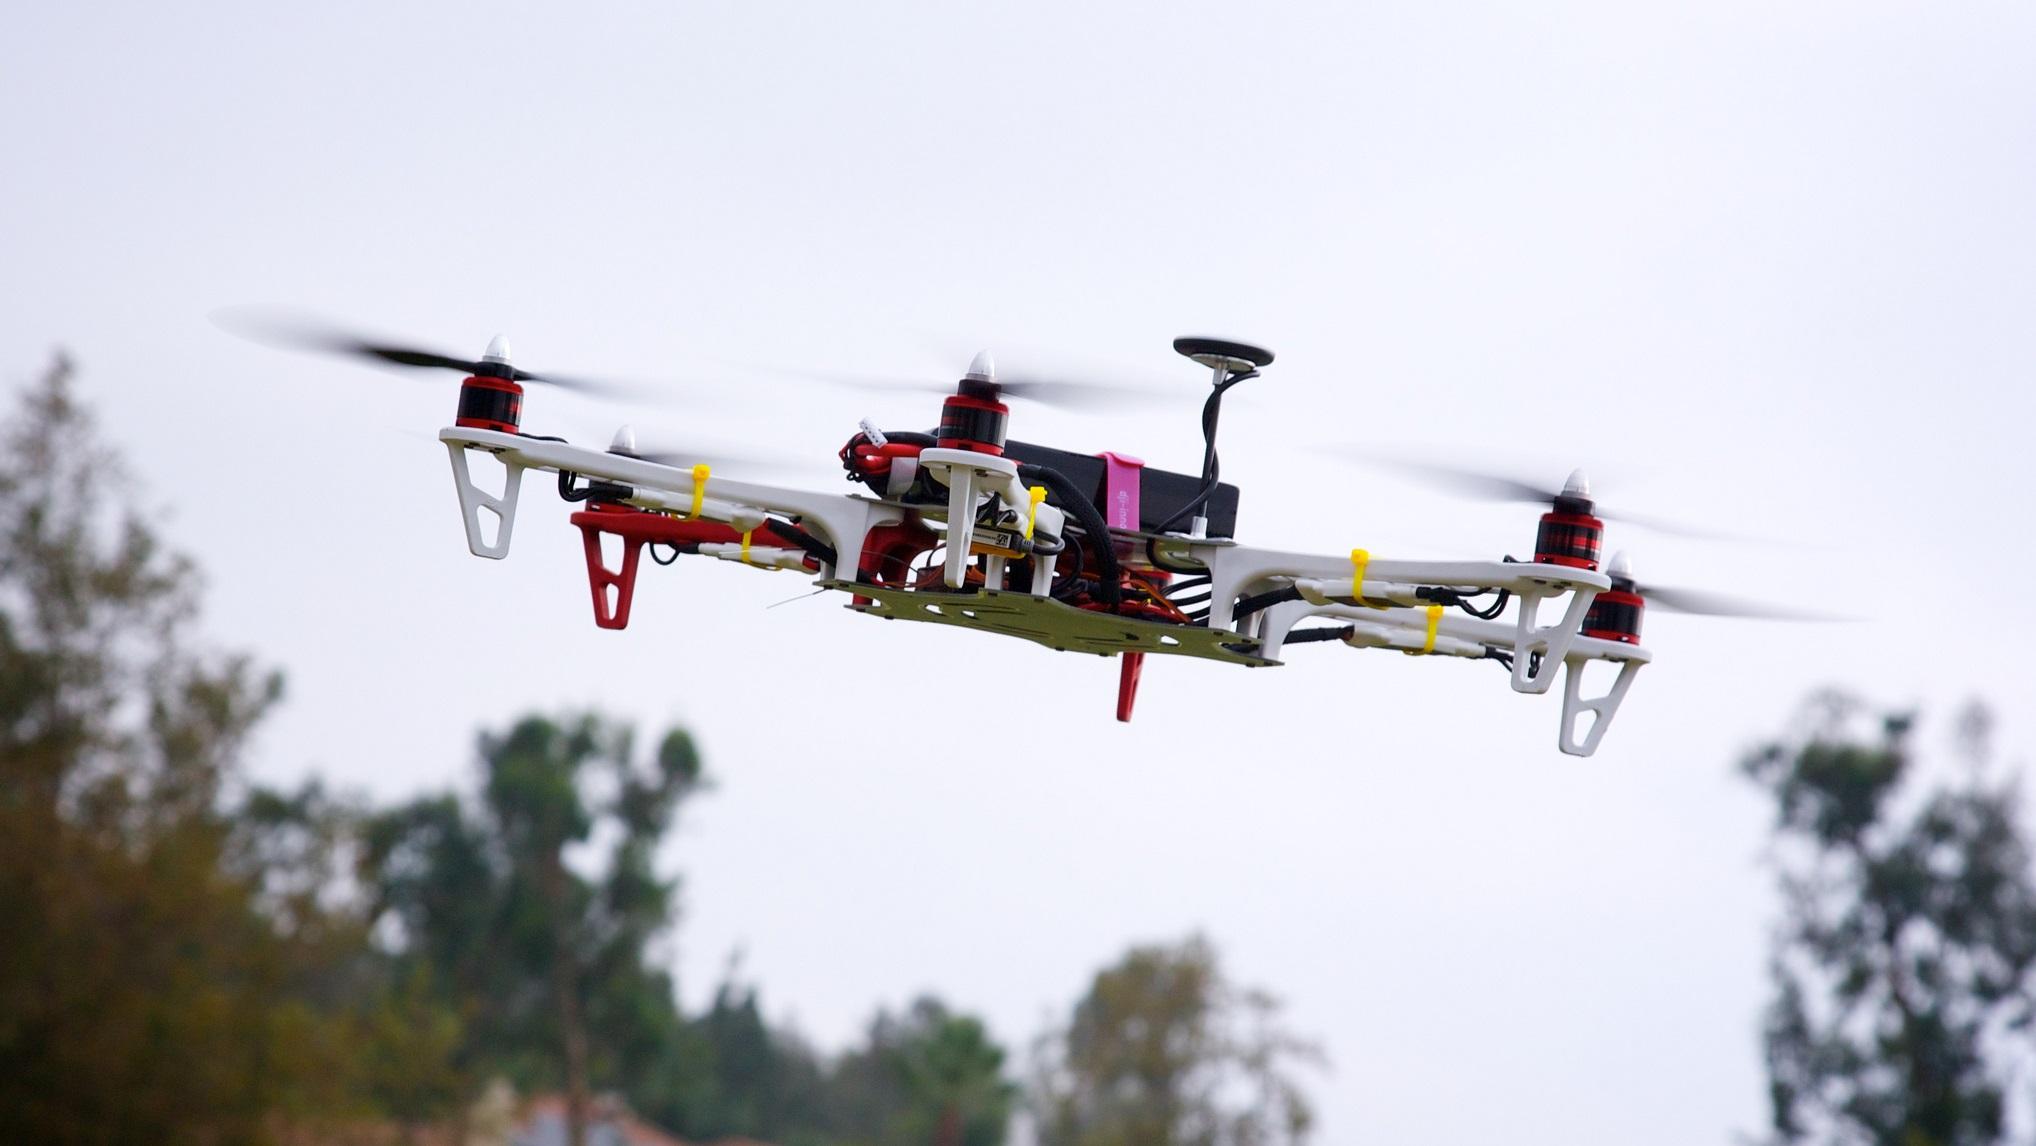 Drone desenvolvido pelo exército dos EUA atinge 70km/h e é um dos mais rápidos do mundo